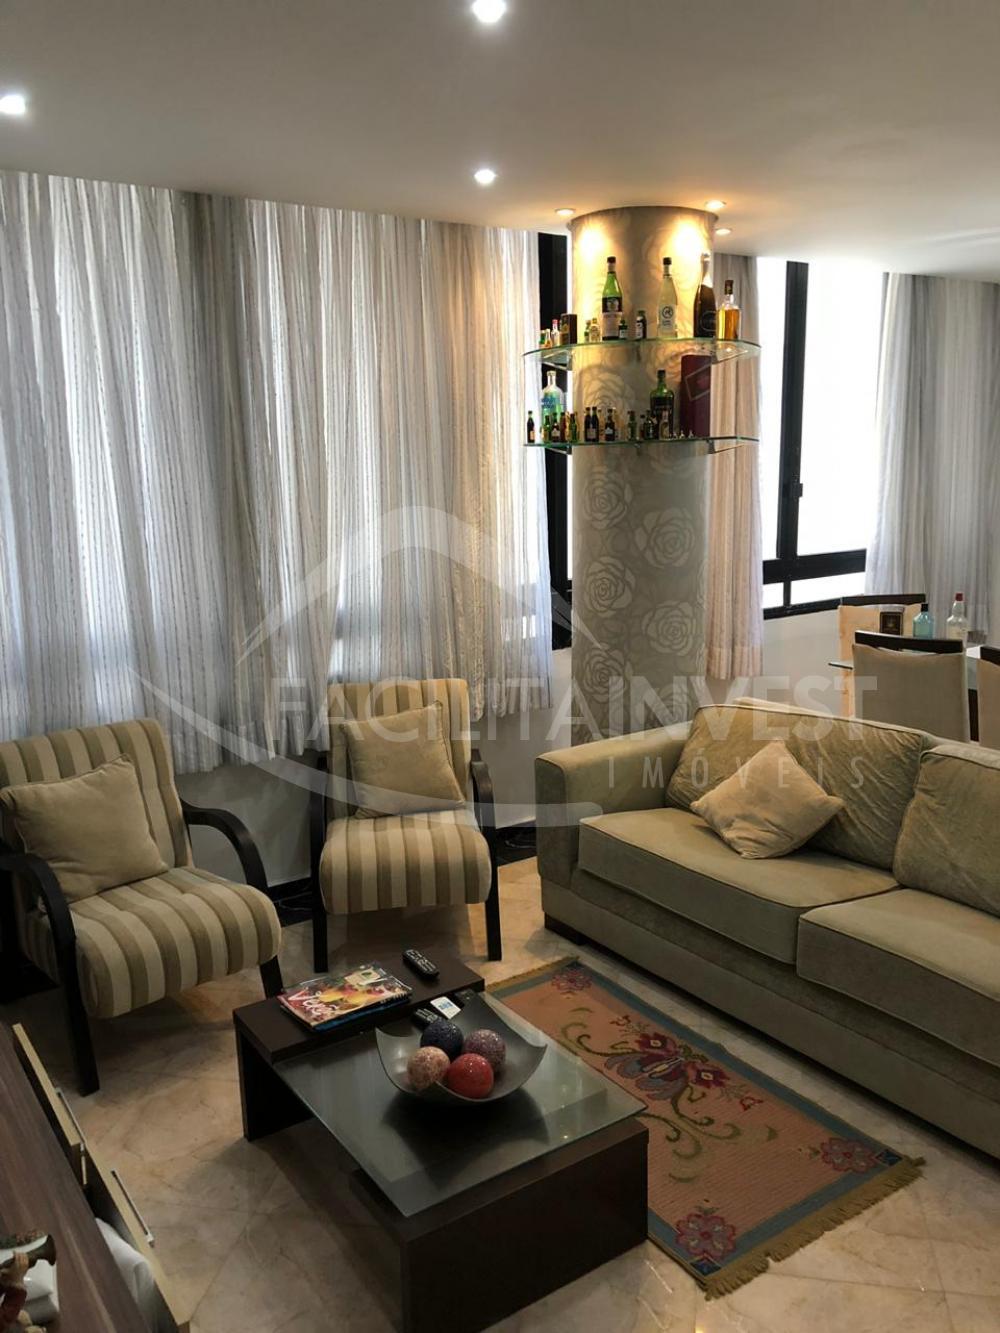 Comprar Apartamentos / Apart. Padrão em Santos apenas R$ 550.000,00 - Foto 1